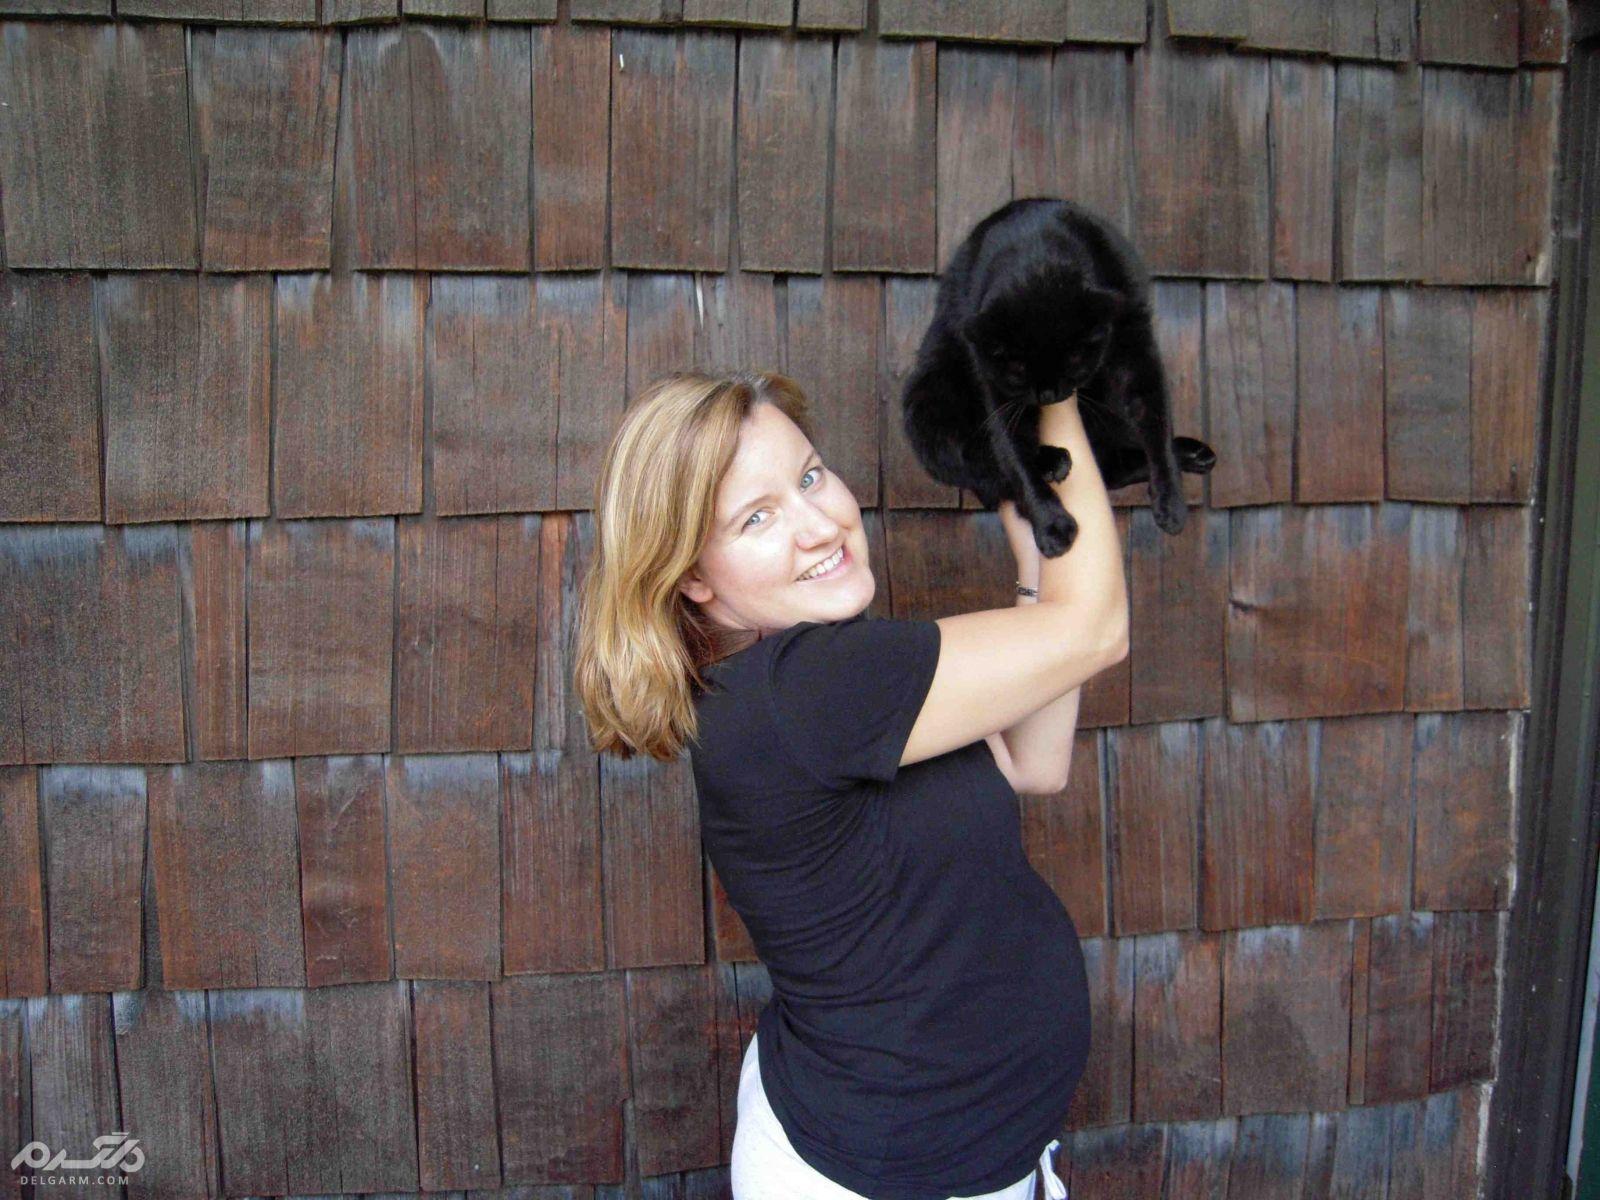 آیا صحت دارد موی گربه باعث نازایی زنان می شود